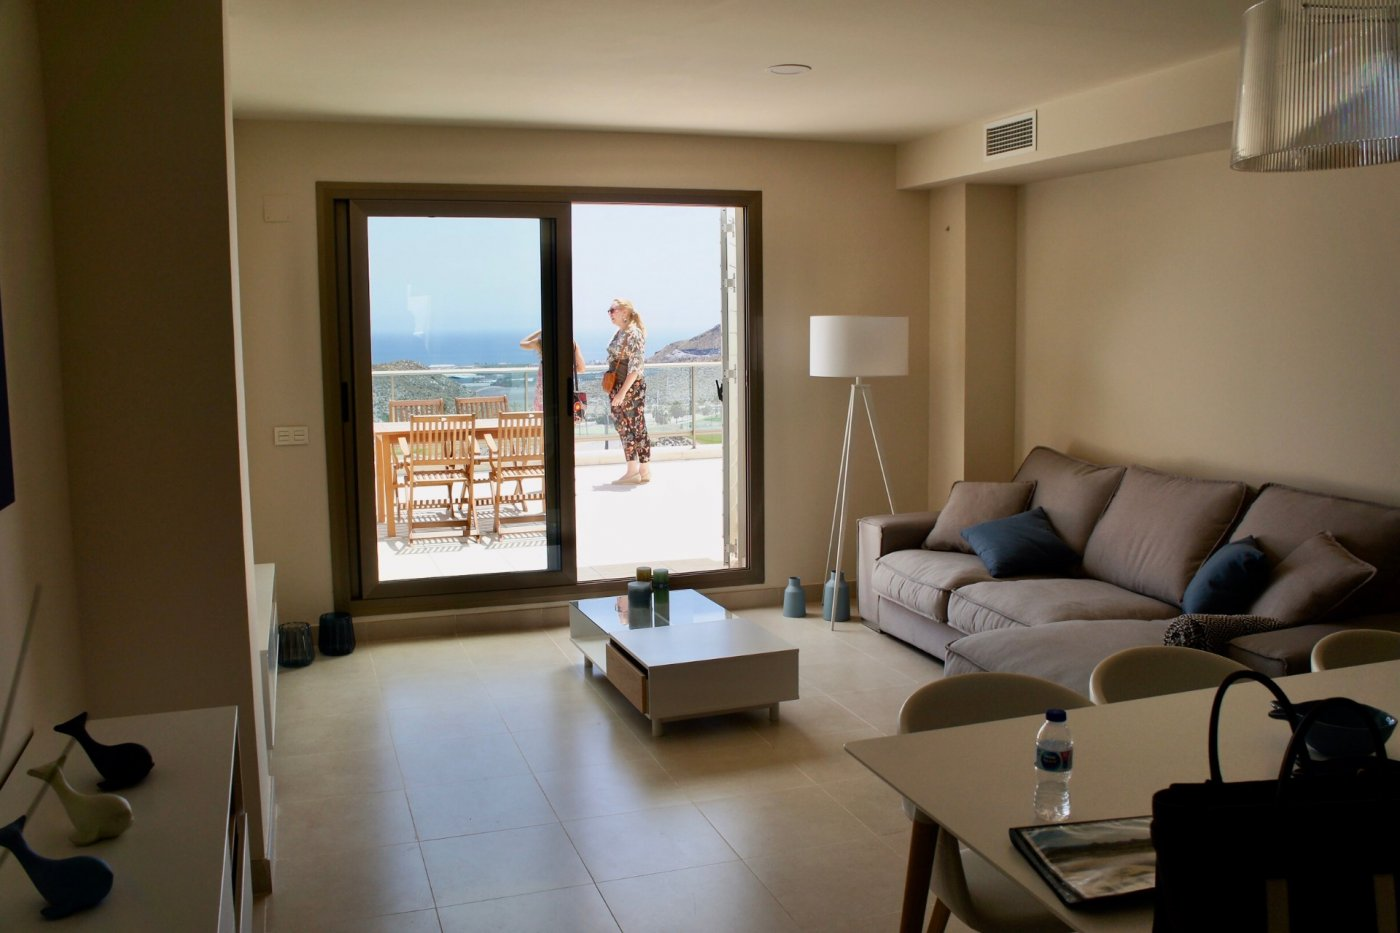 Galleribillede 2 of Sydvendt 3 værelses, 2 bad lejlighed med panorama udsigt og 83 m2 tagterrasse